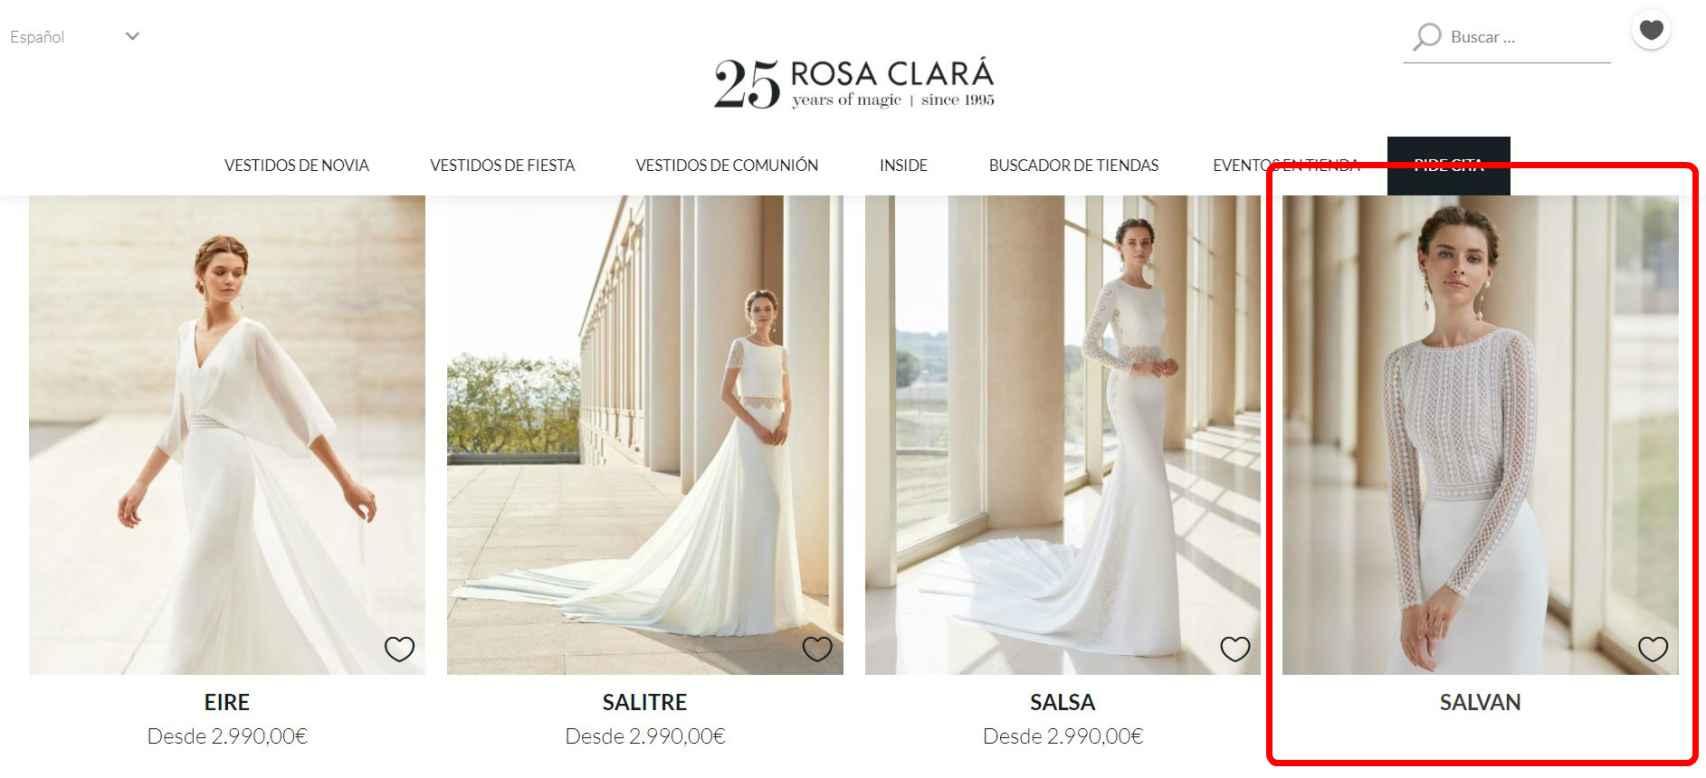 El diseño de Xisca, curiosamente, es el único que no presenta precio en la web oficial de Rosa Clará.